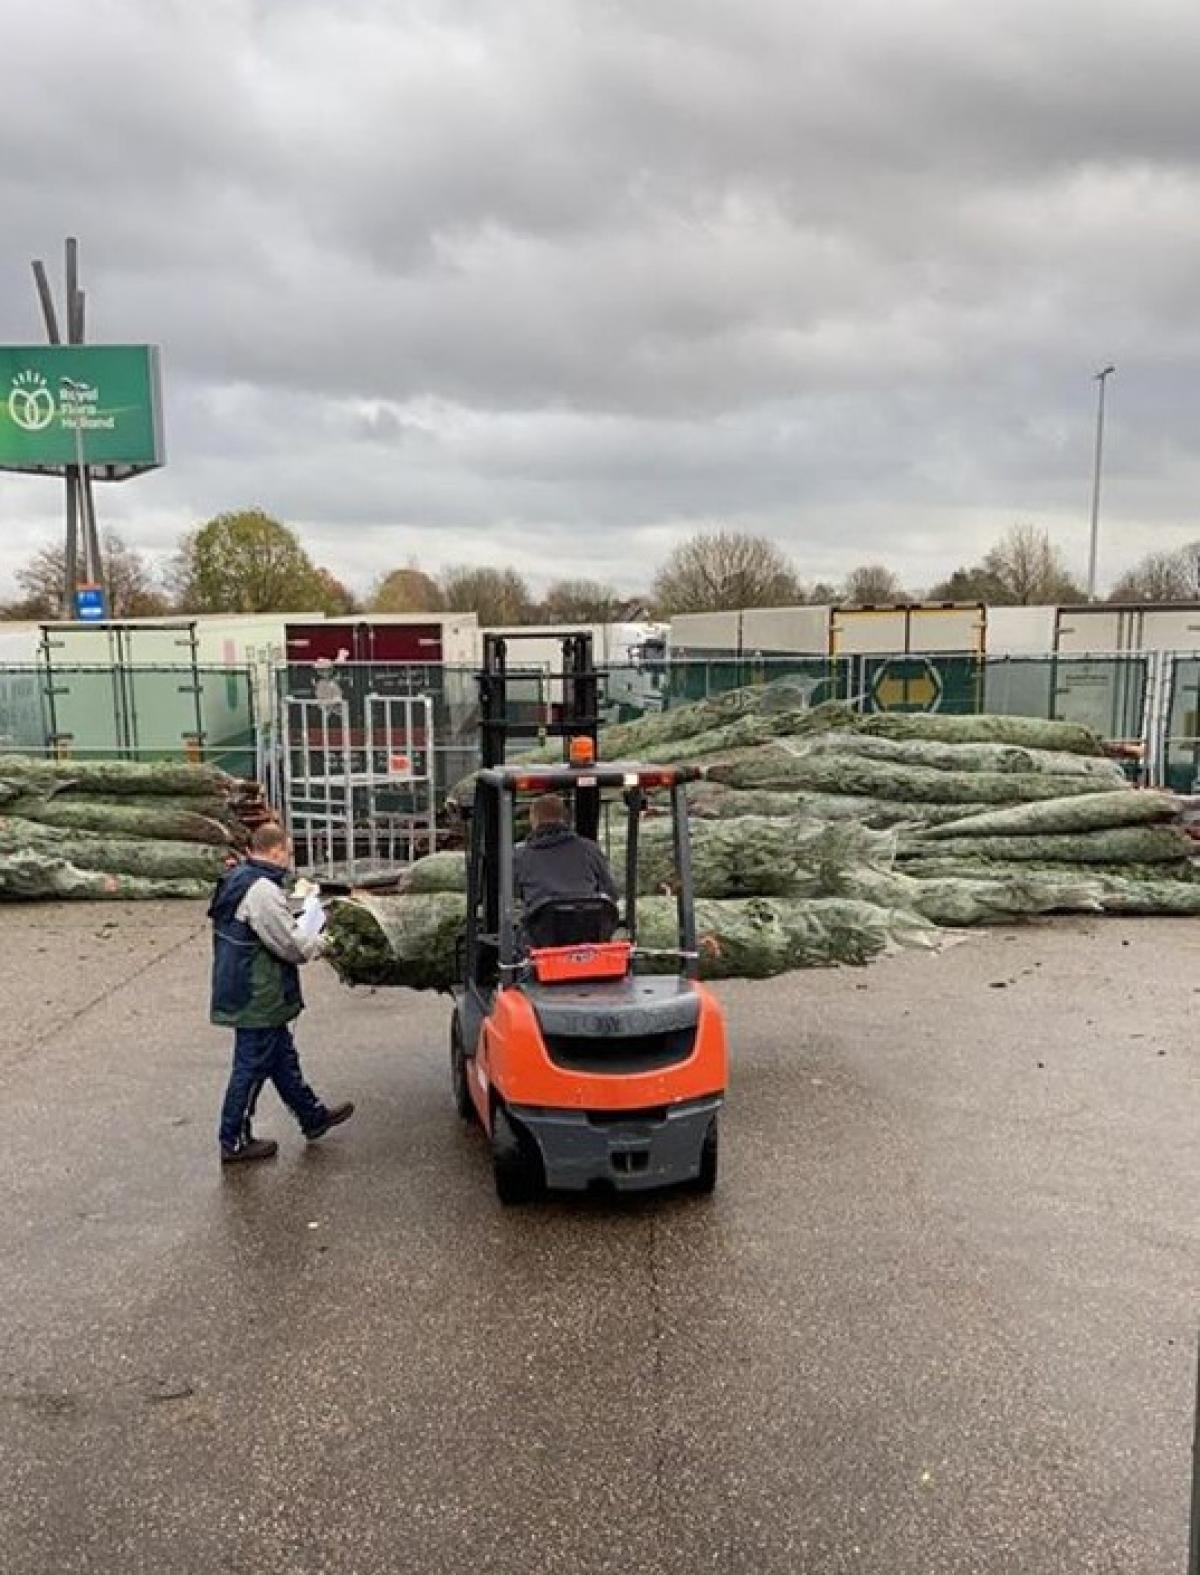 Thông tươi nhập về Việt Nam thường có xuất xứ từ Đan Mạch, một quốc gia trồng thông nổi tiếng trên thế giới. Giá cho mỗi cây cao từ 1 - 1,35m dao động 4 - 5 triệu đồng. Những cây thông to, cao hơn 3m giá lên tới hơn 20 triệu đồng. (Ảnh: Afamily)